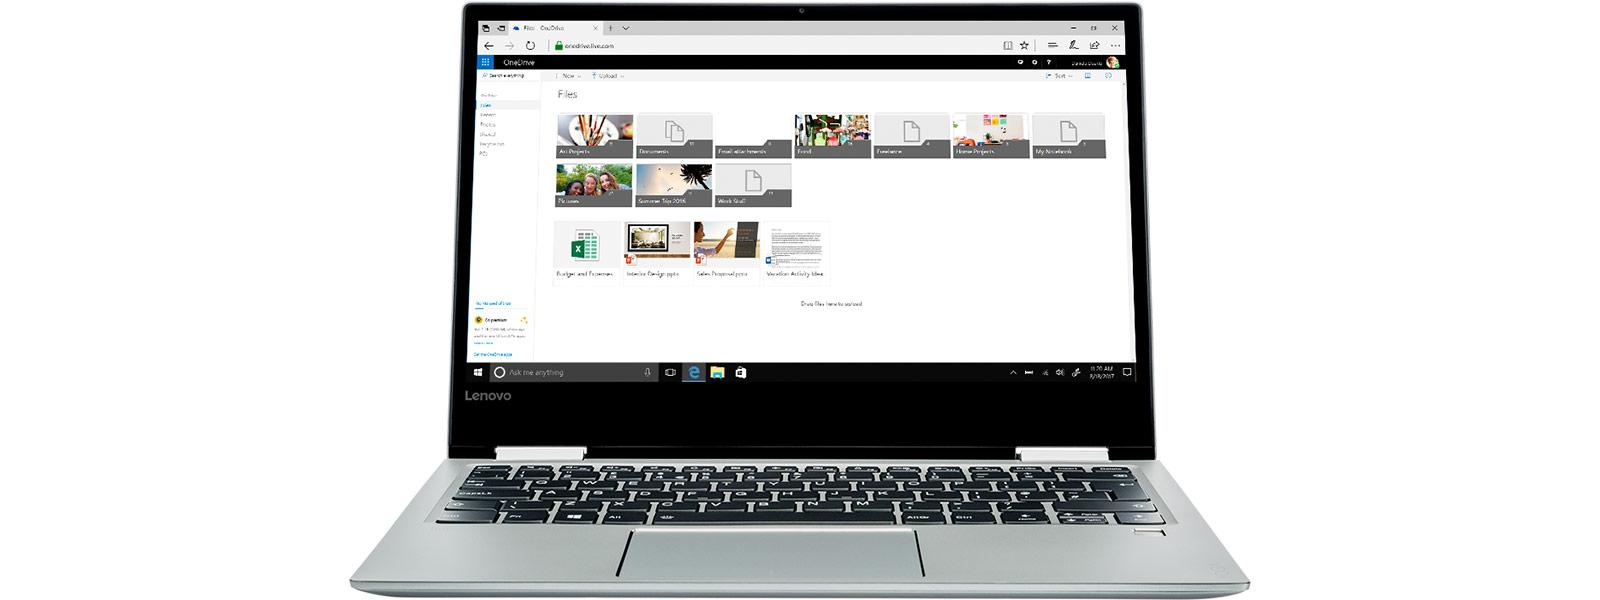 Appareil Windows10 affichant l'écran OneDrive